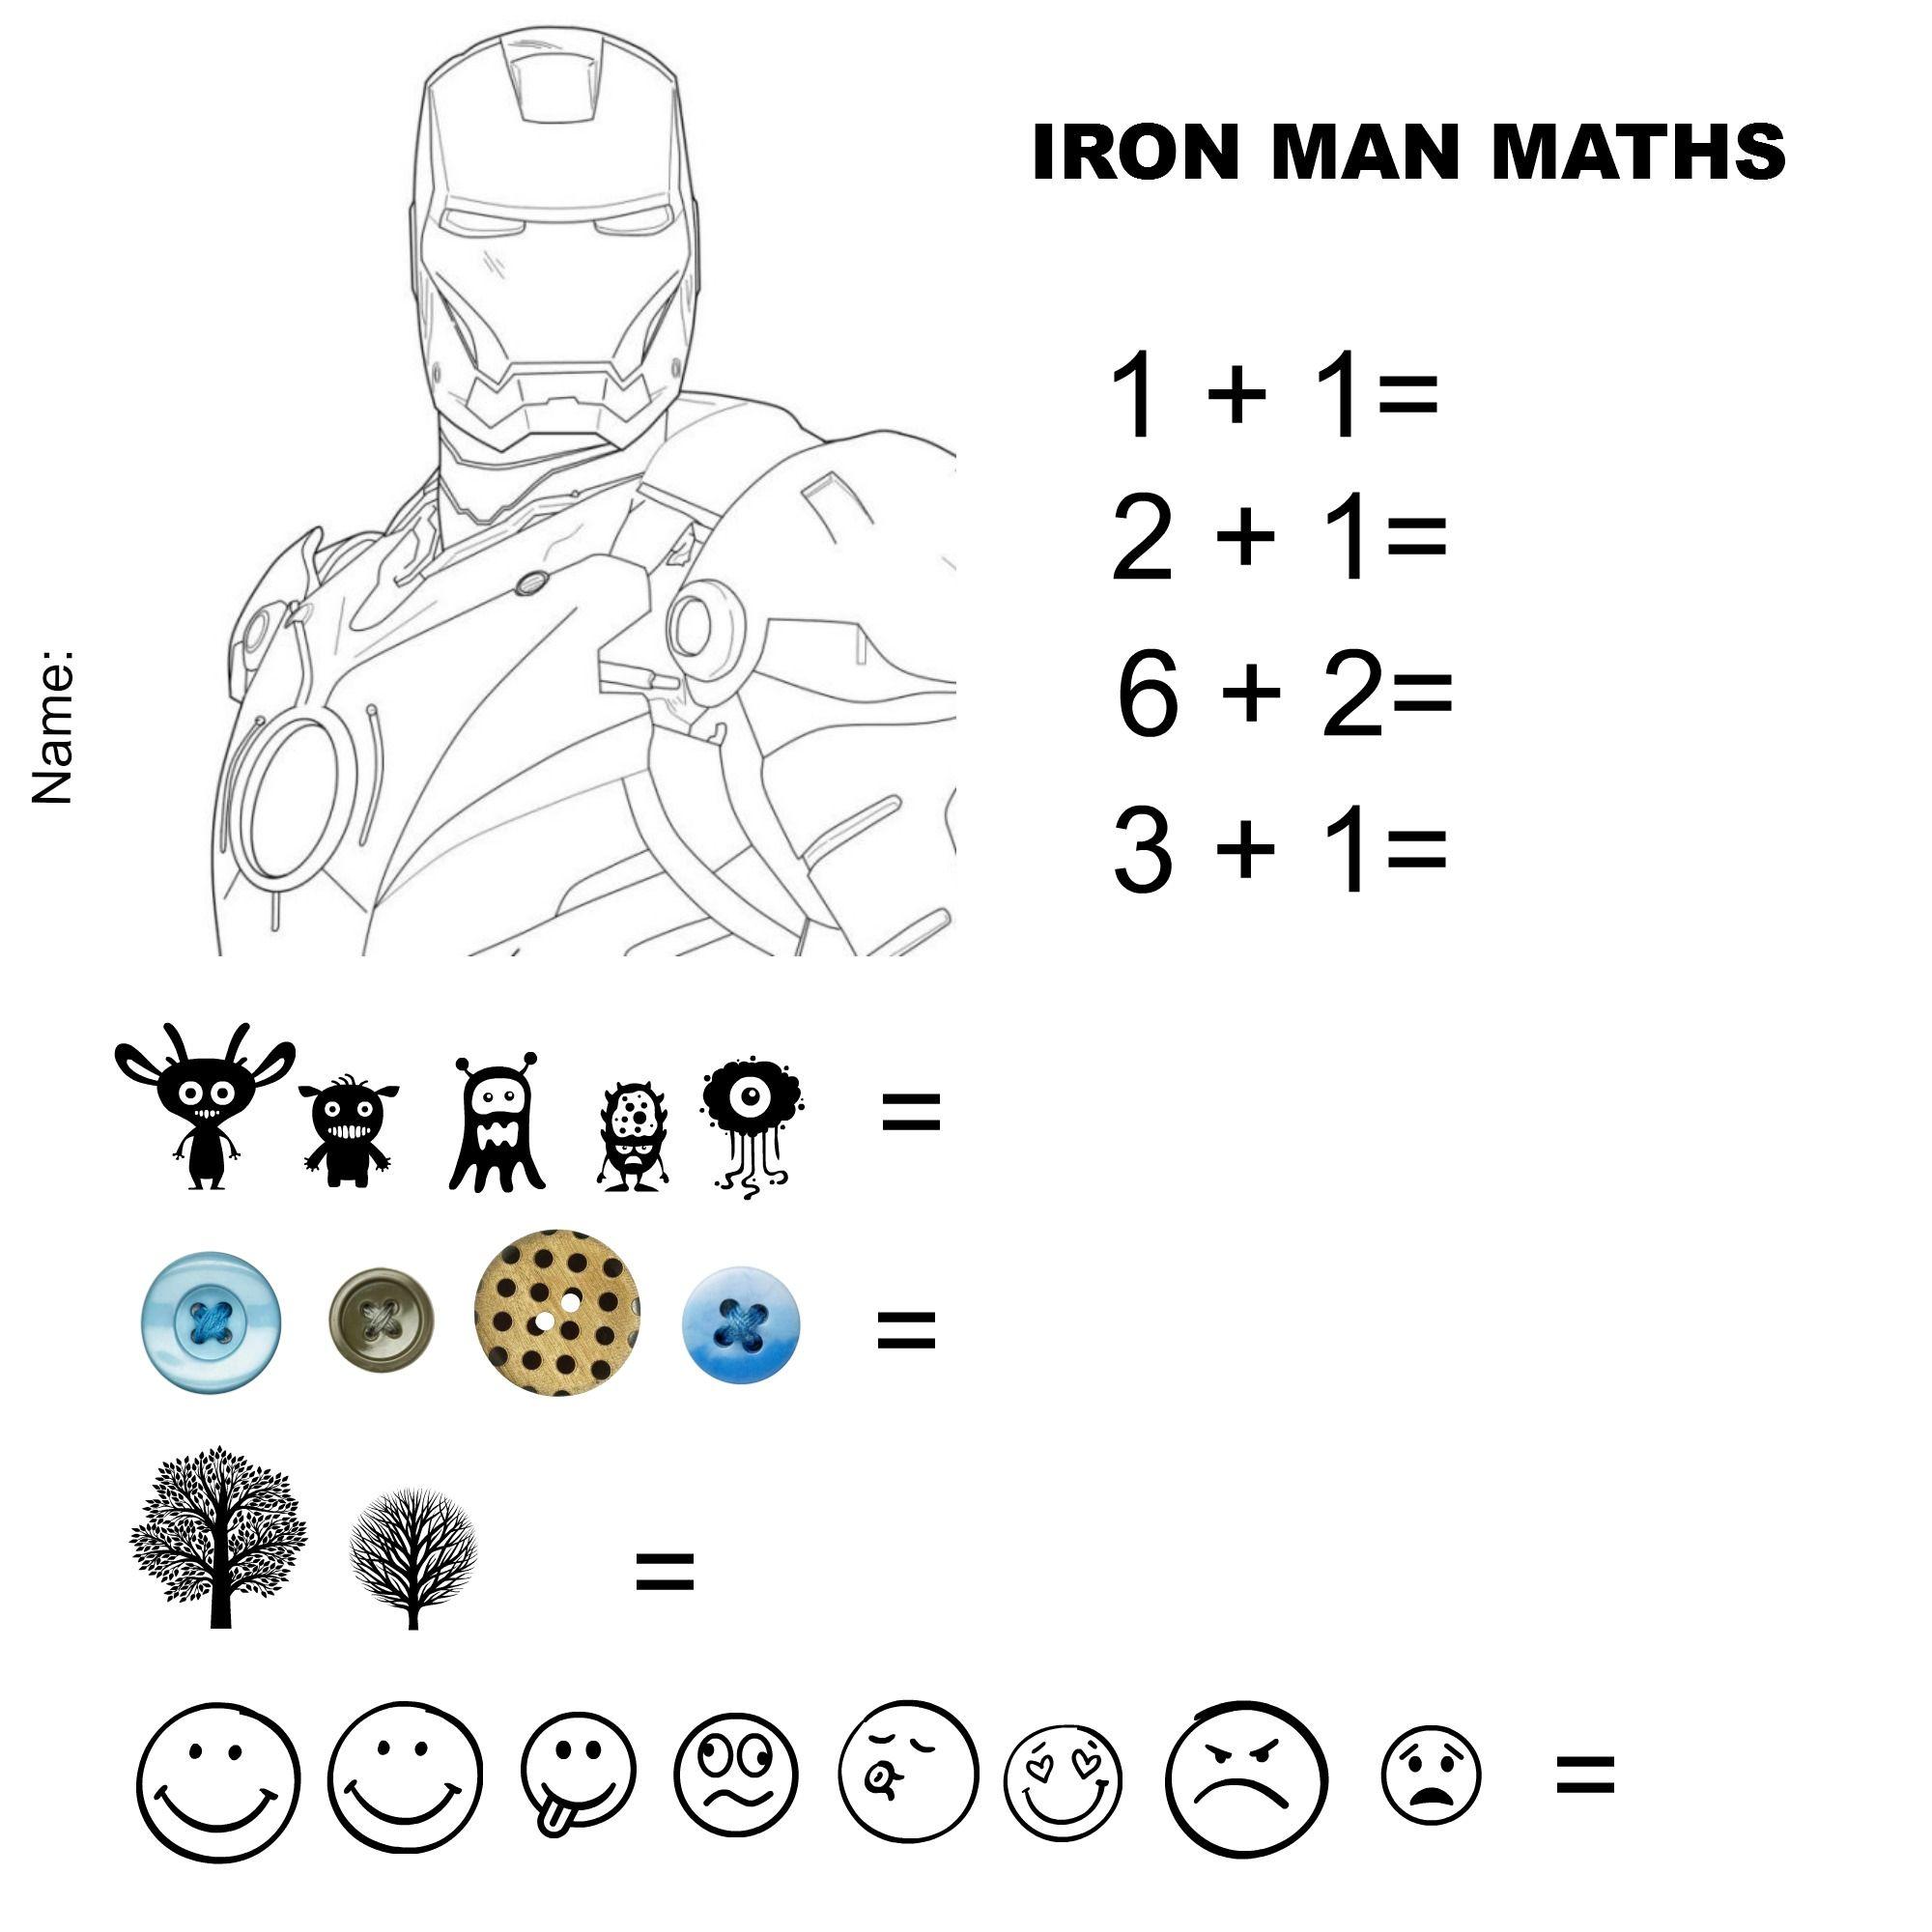 Iron Man Maths